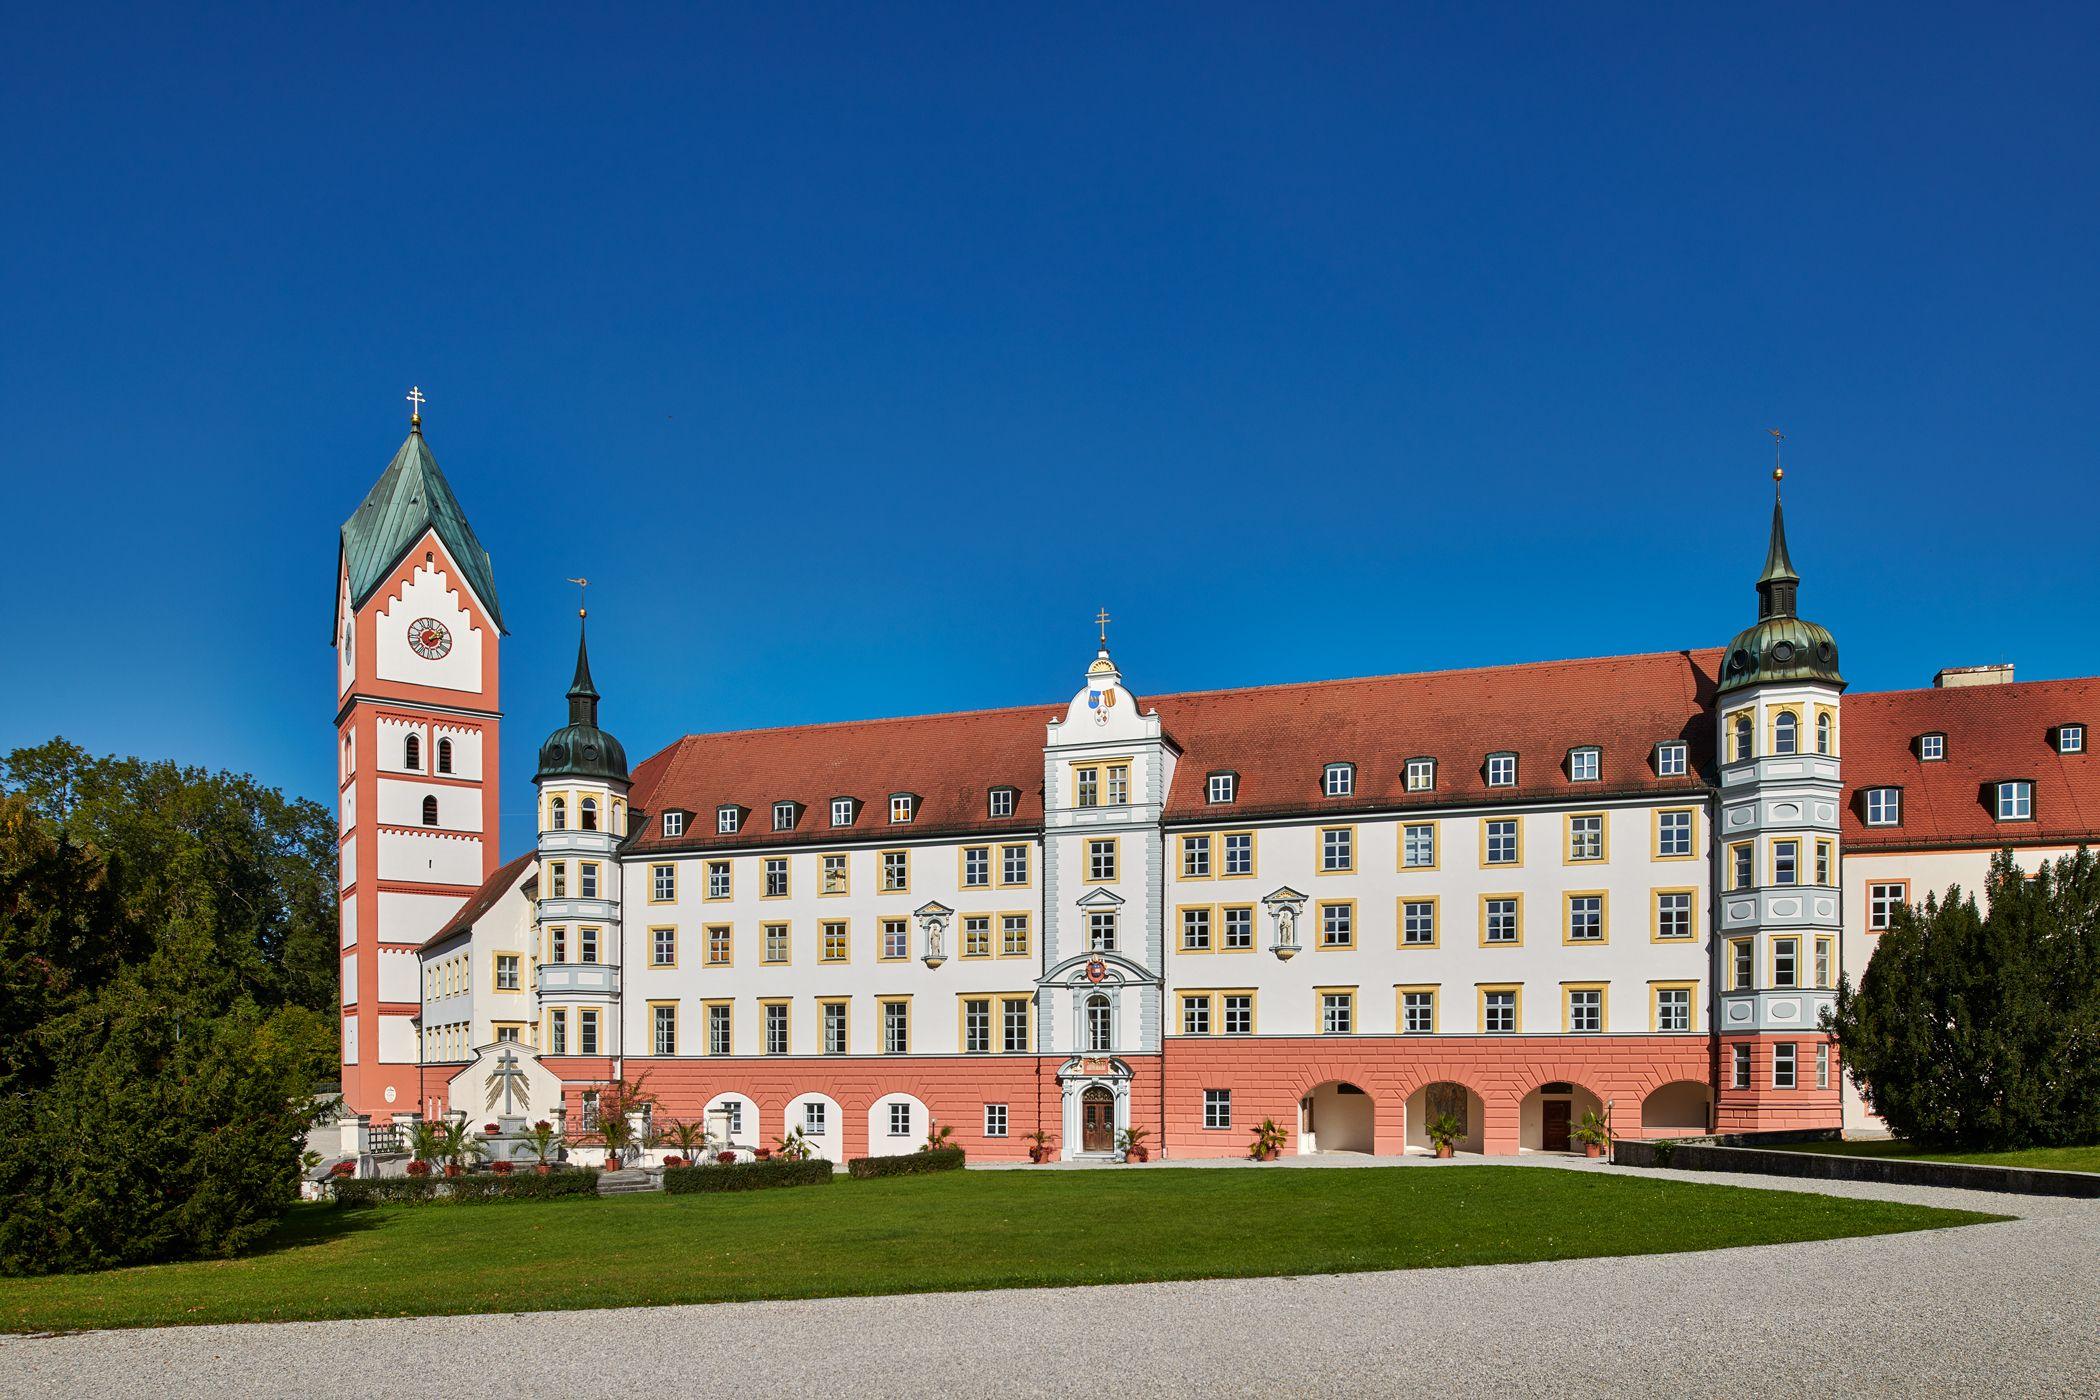 klosterscheyern_slider_one